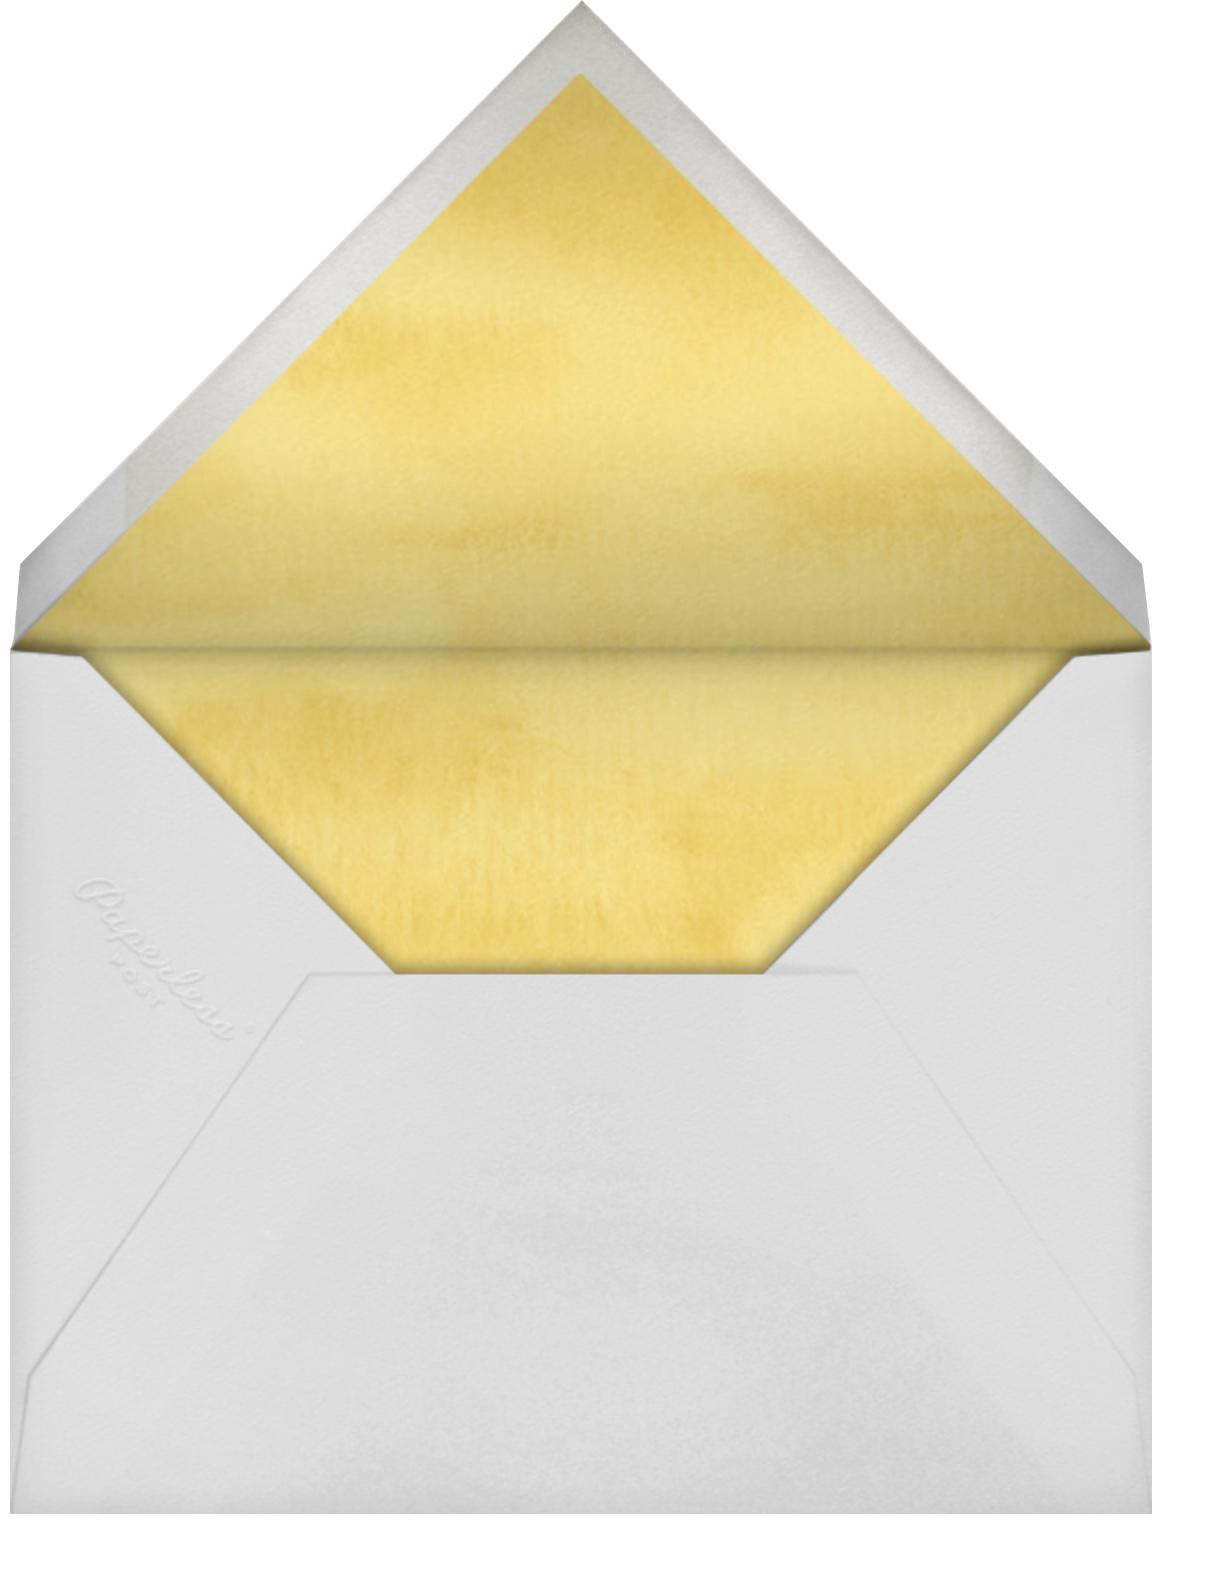 Pumpkin Cart - Felix Doolittle - Envelope